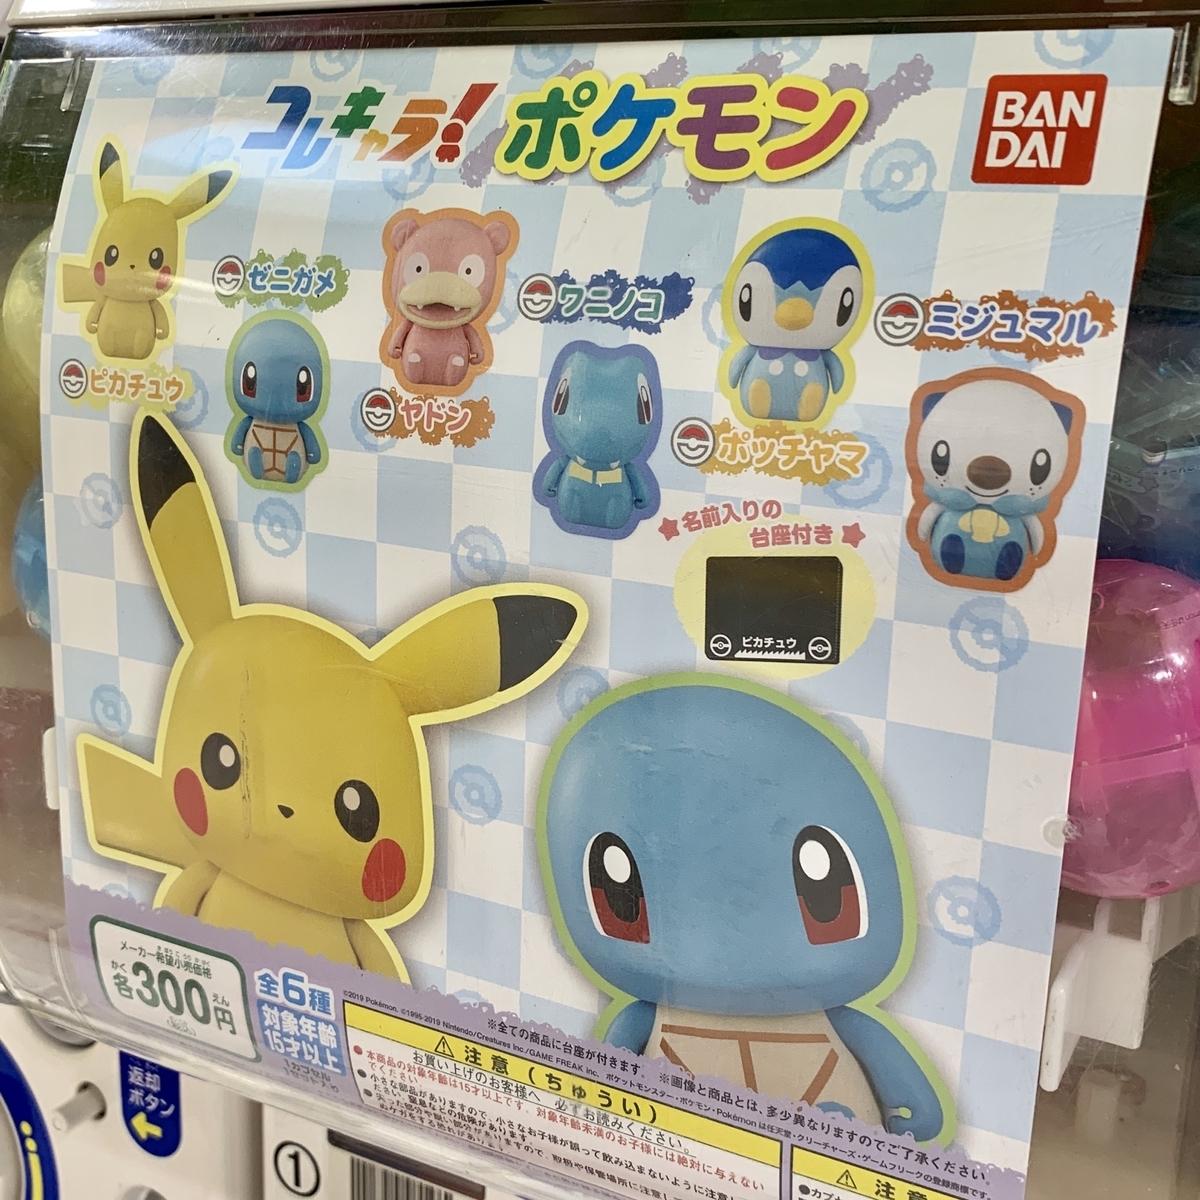 f:id:pikachu_pcn:20191026184446j:plain